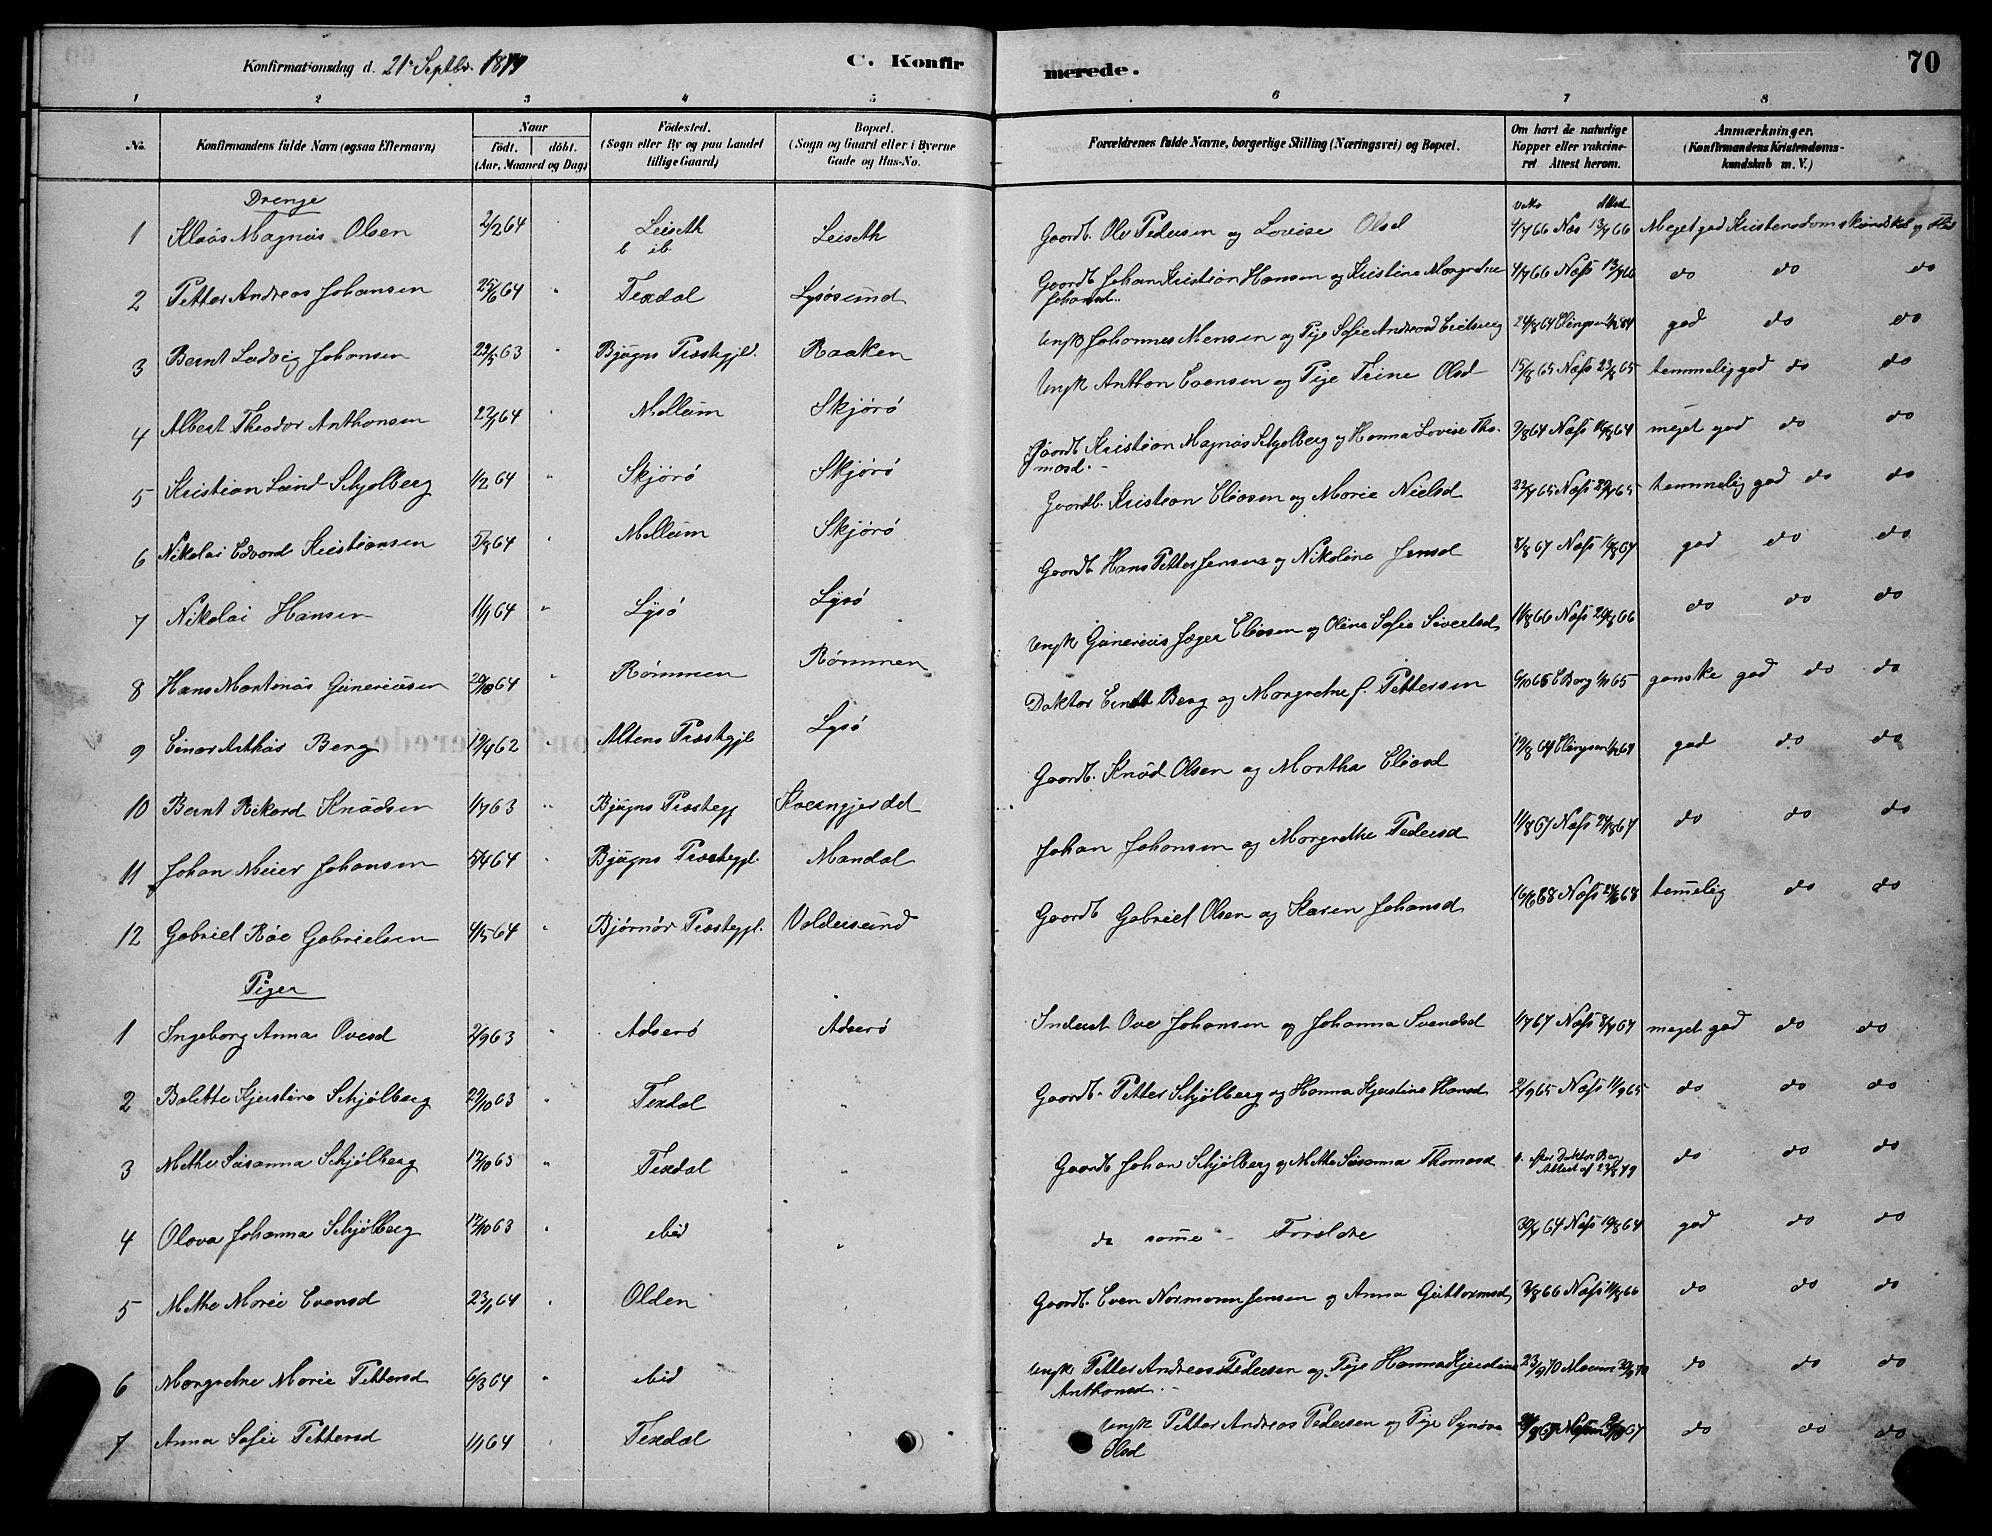 SAT, Ministerialprotokoller, klokkerbøker og fødselsregistre - Sør-Trøndelag, 654/L0665: Klokkerbok nr. 654C01, 1879-1901, s. 70